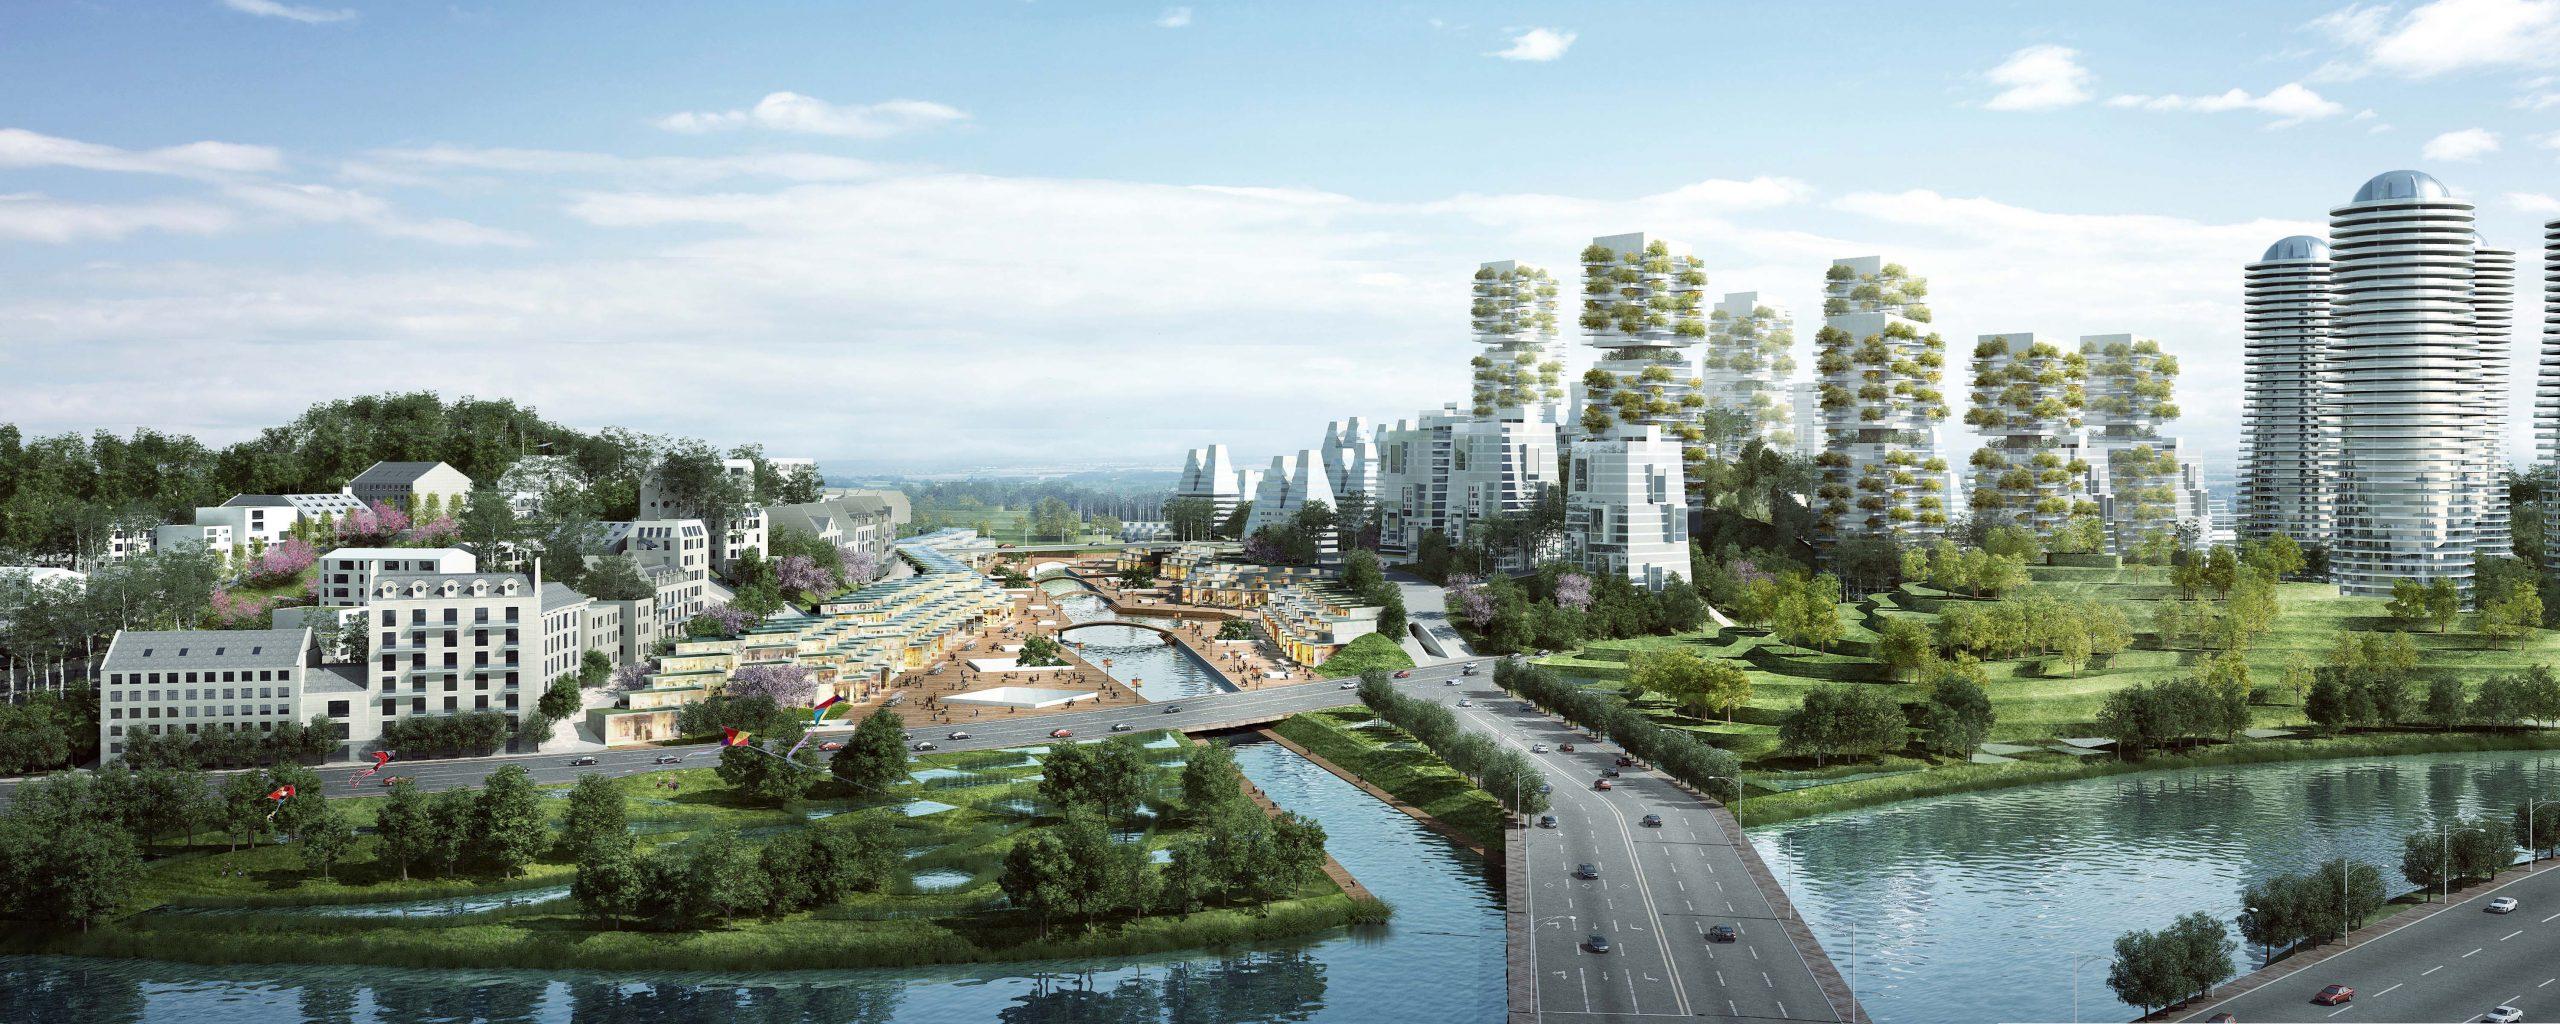 L'écoquartier de TianFu New Area en Chine, par l'Agence Française